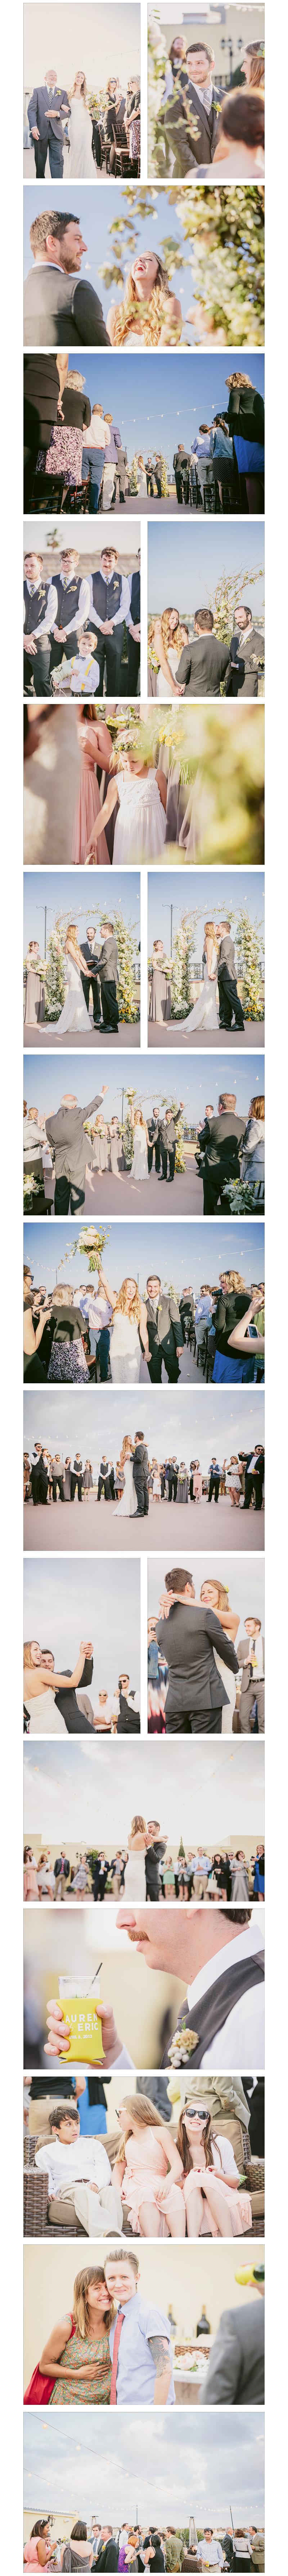 st augustine beach wedding 4.jpg